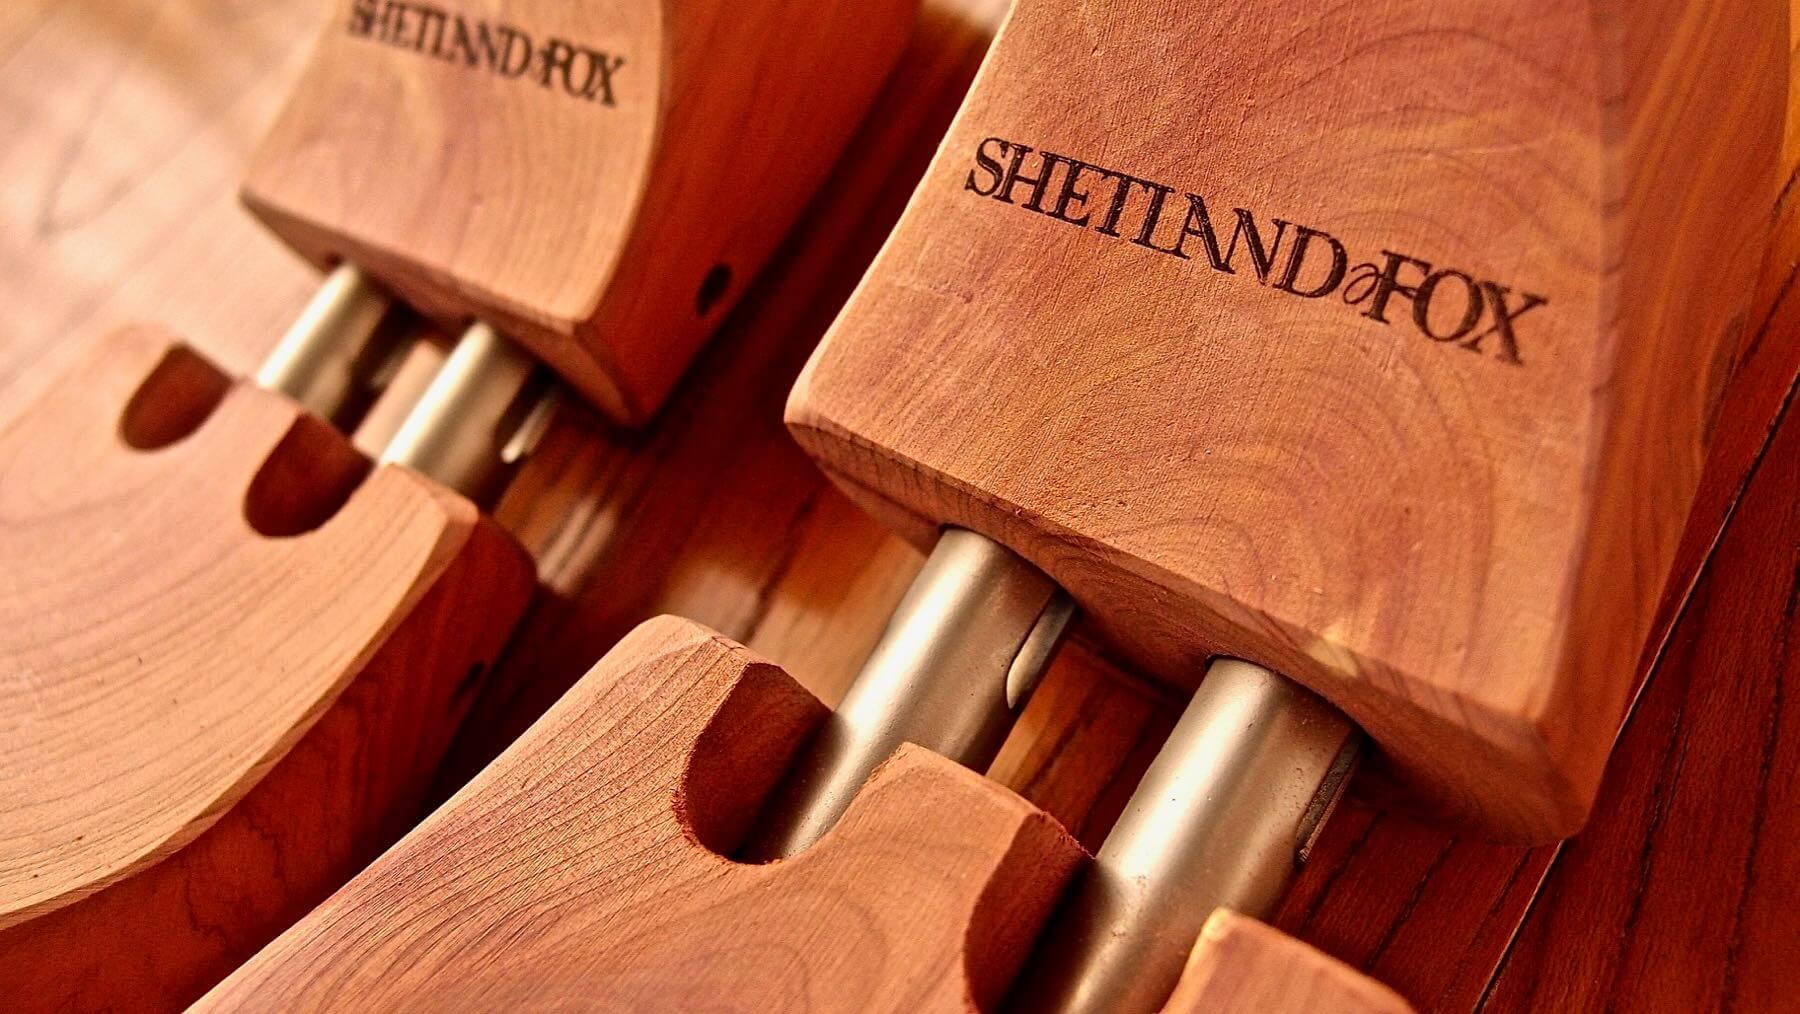 05 Shetlandfox Shoe keeper